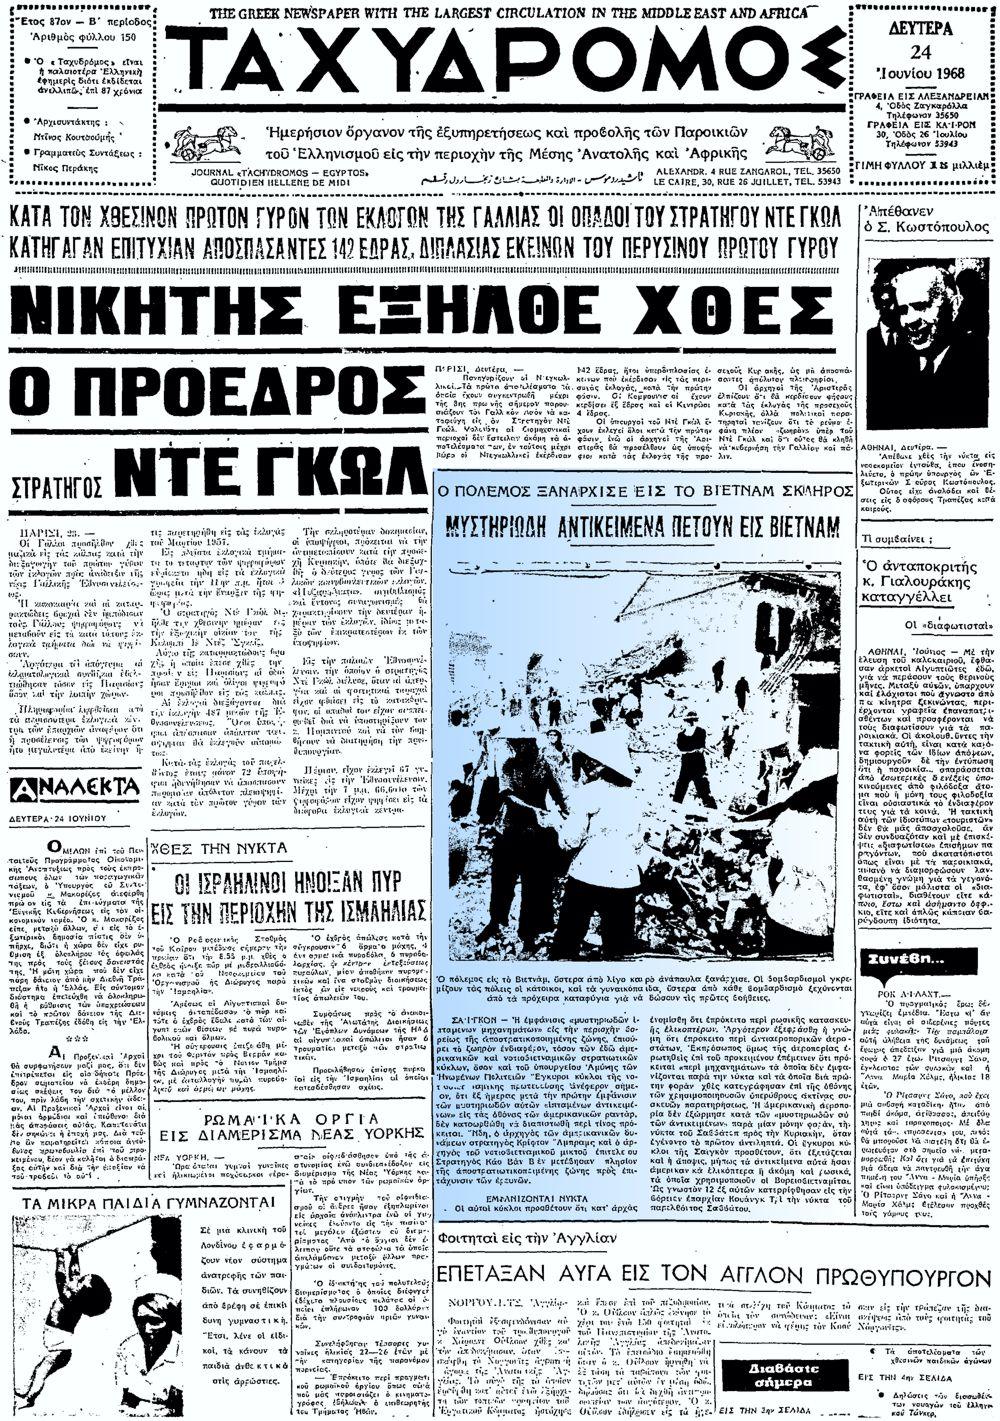 """Το άρθρο, όπως δημοσιεύθηκε στην εφημερίδα """"ΤΑΧΥΔΡΟΜΟΣ"""", στις 24/06/1968"""